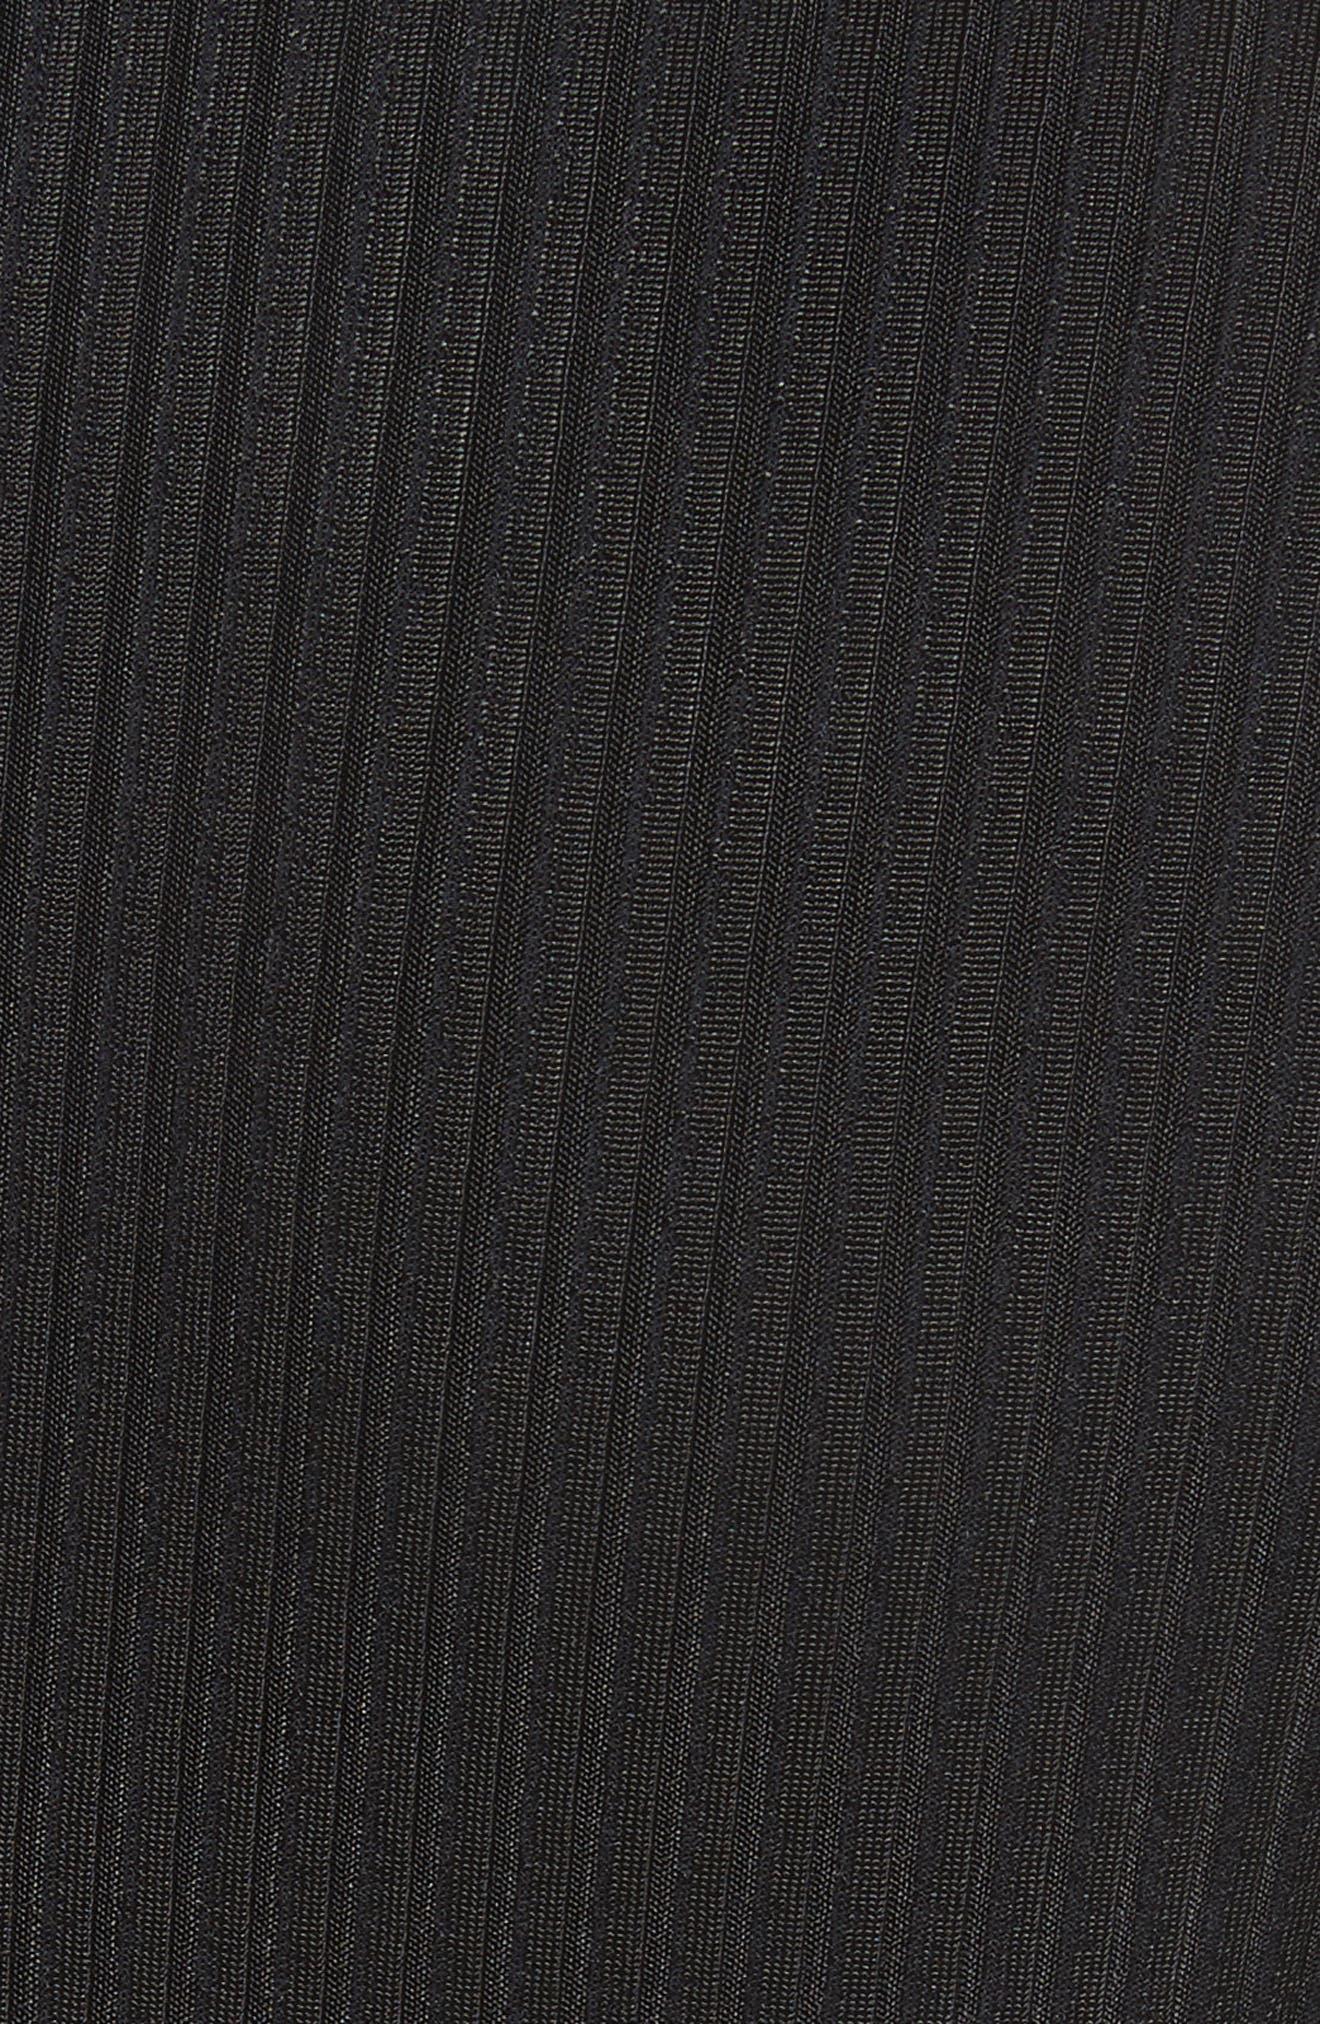 Sunshine Kid Ribbed Minidress,                             Alternate thumbnail 6, color,                             Black